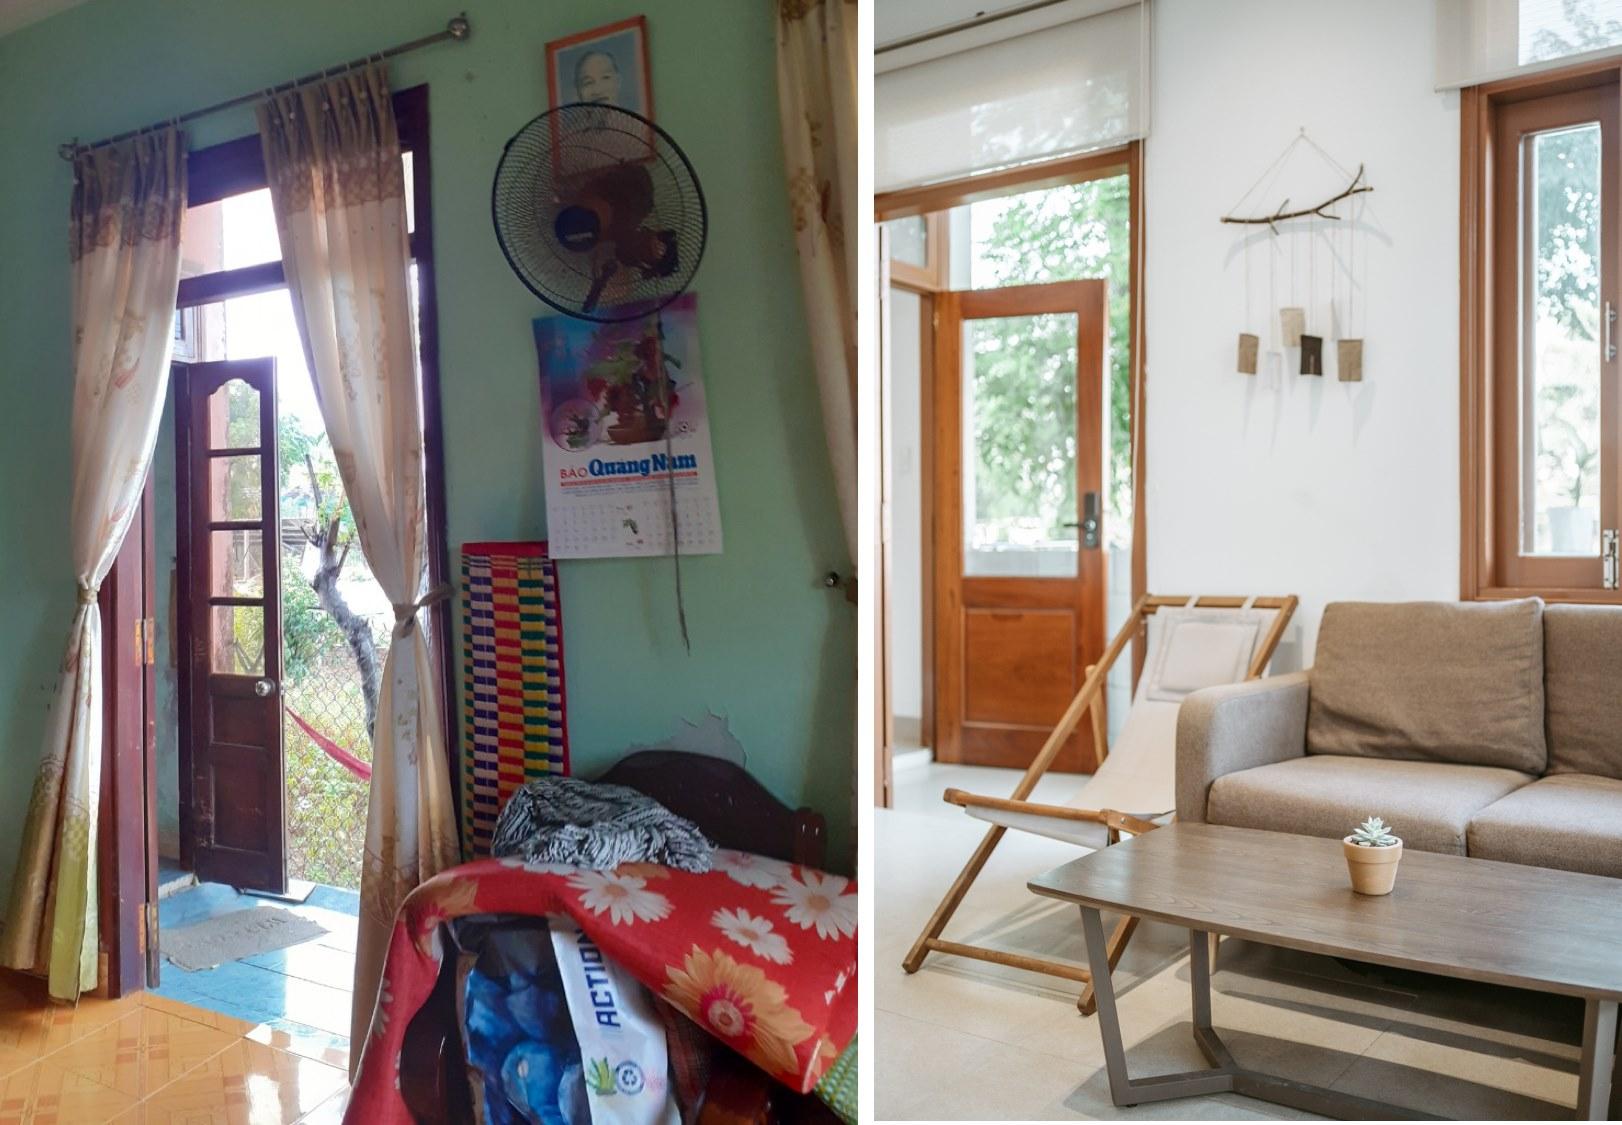 Cô gái quyết định rời Sài Gòn về Hội An cải tạo nhà ở 20 năm đã xuống cấp thành homestay 5 phòng đẹp lung linh, cho khách thuê chỉ 420-520 ngàn đồng/ phòng - Ảnh 8.